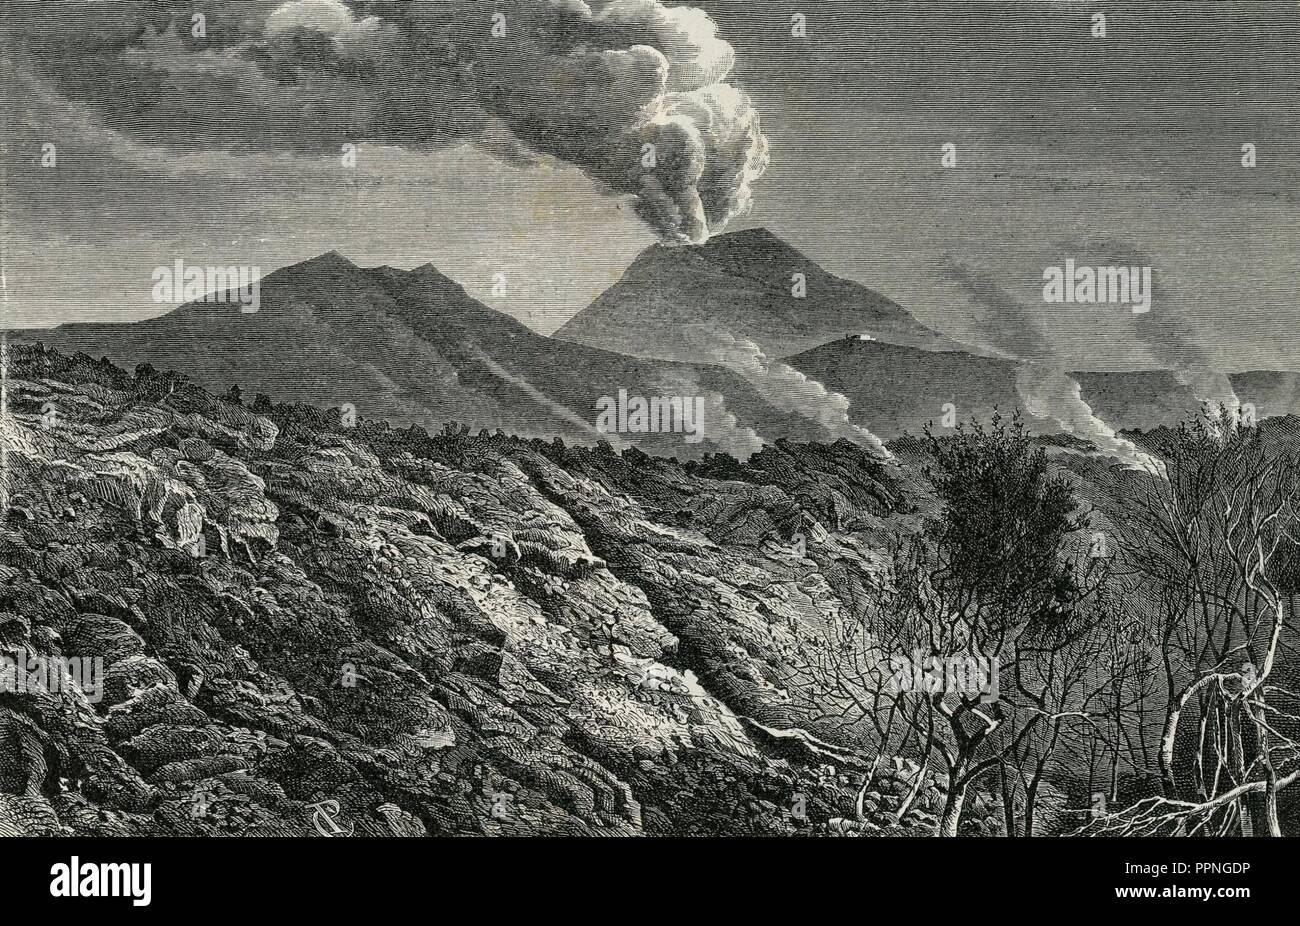 Bordo della corrente di lava emersa dal Vesuvio nel 1872. Foto Stock